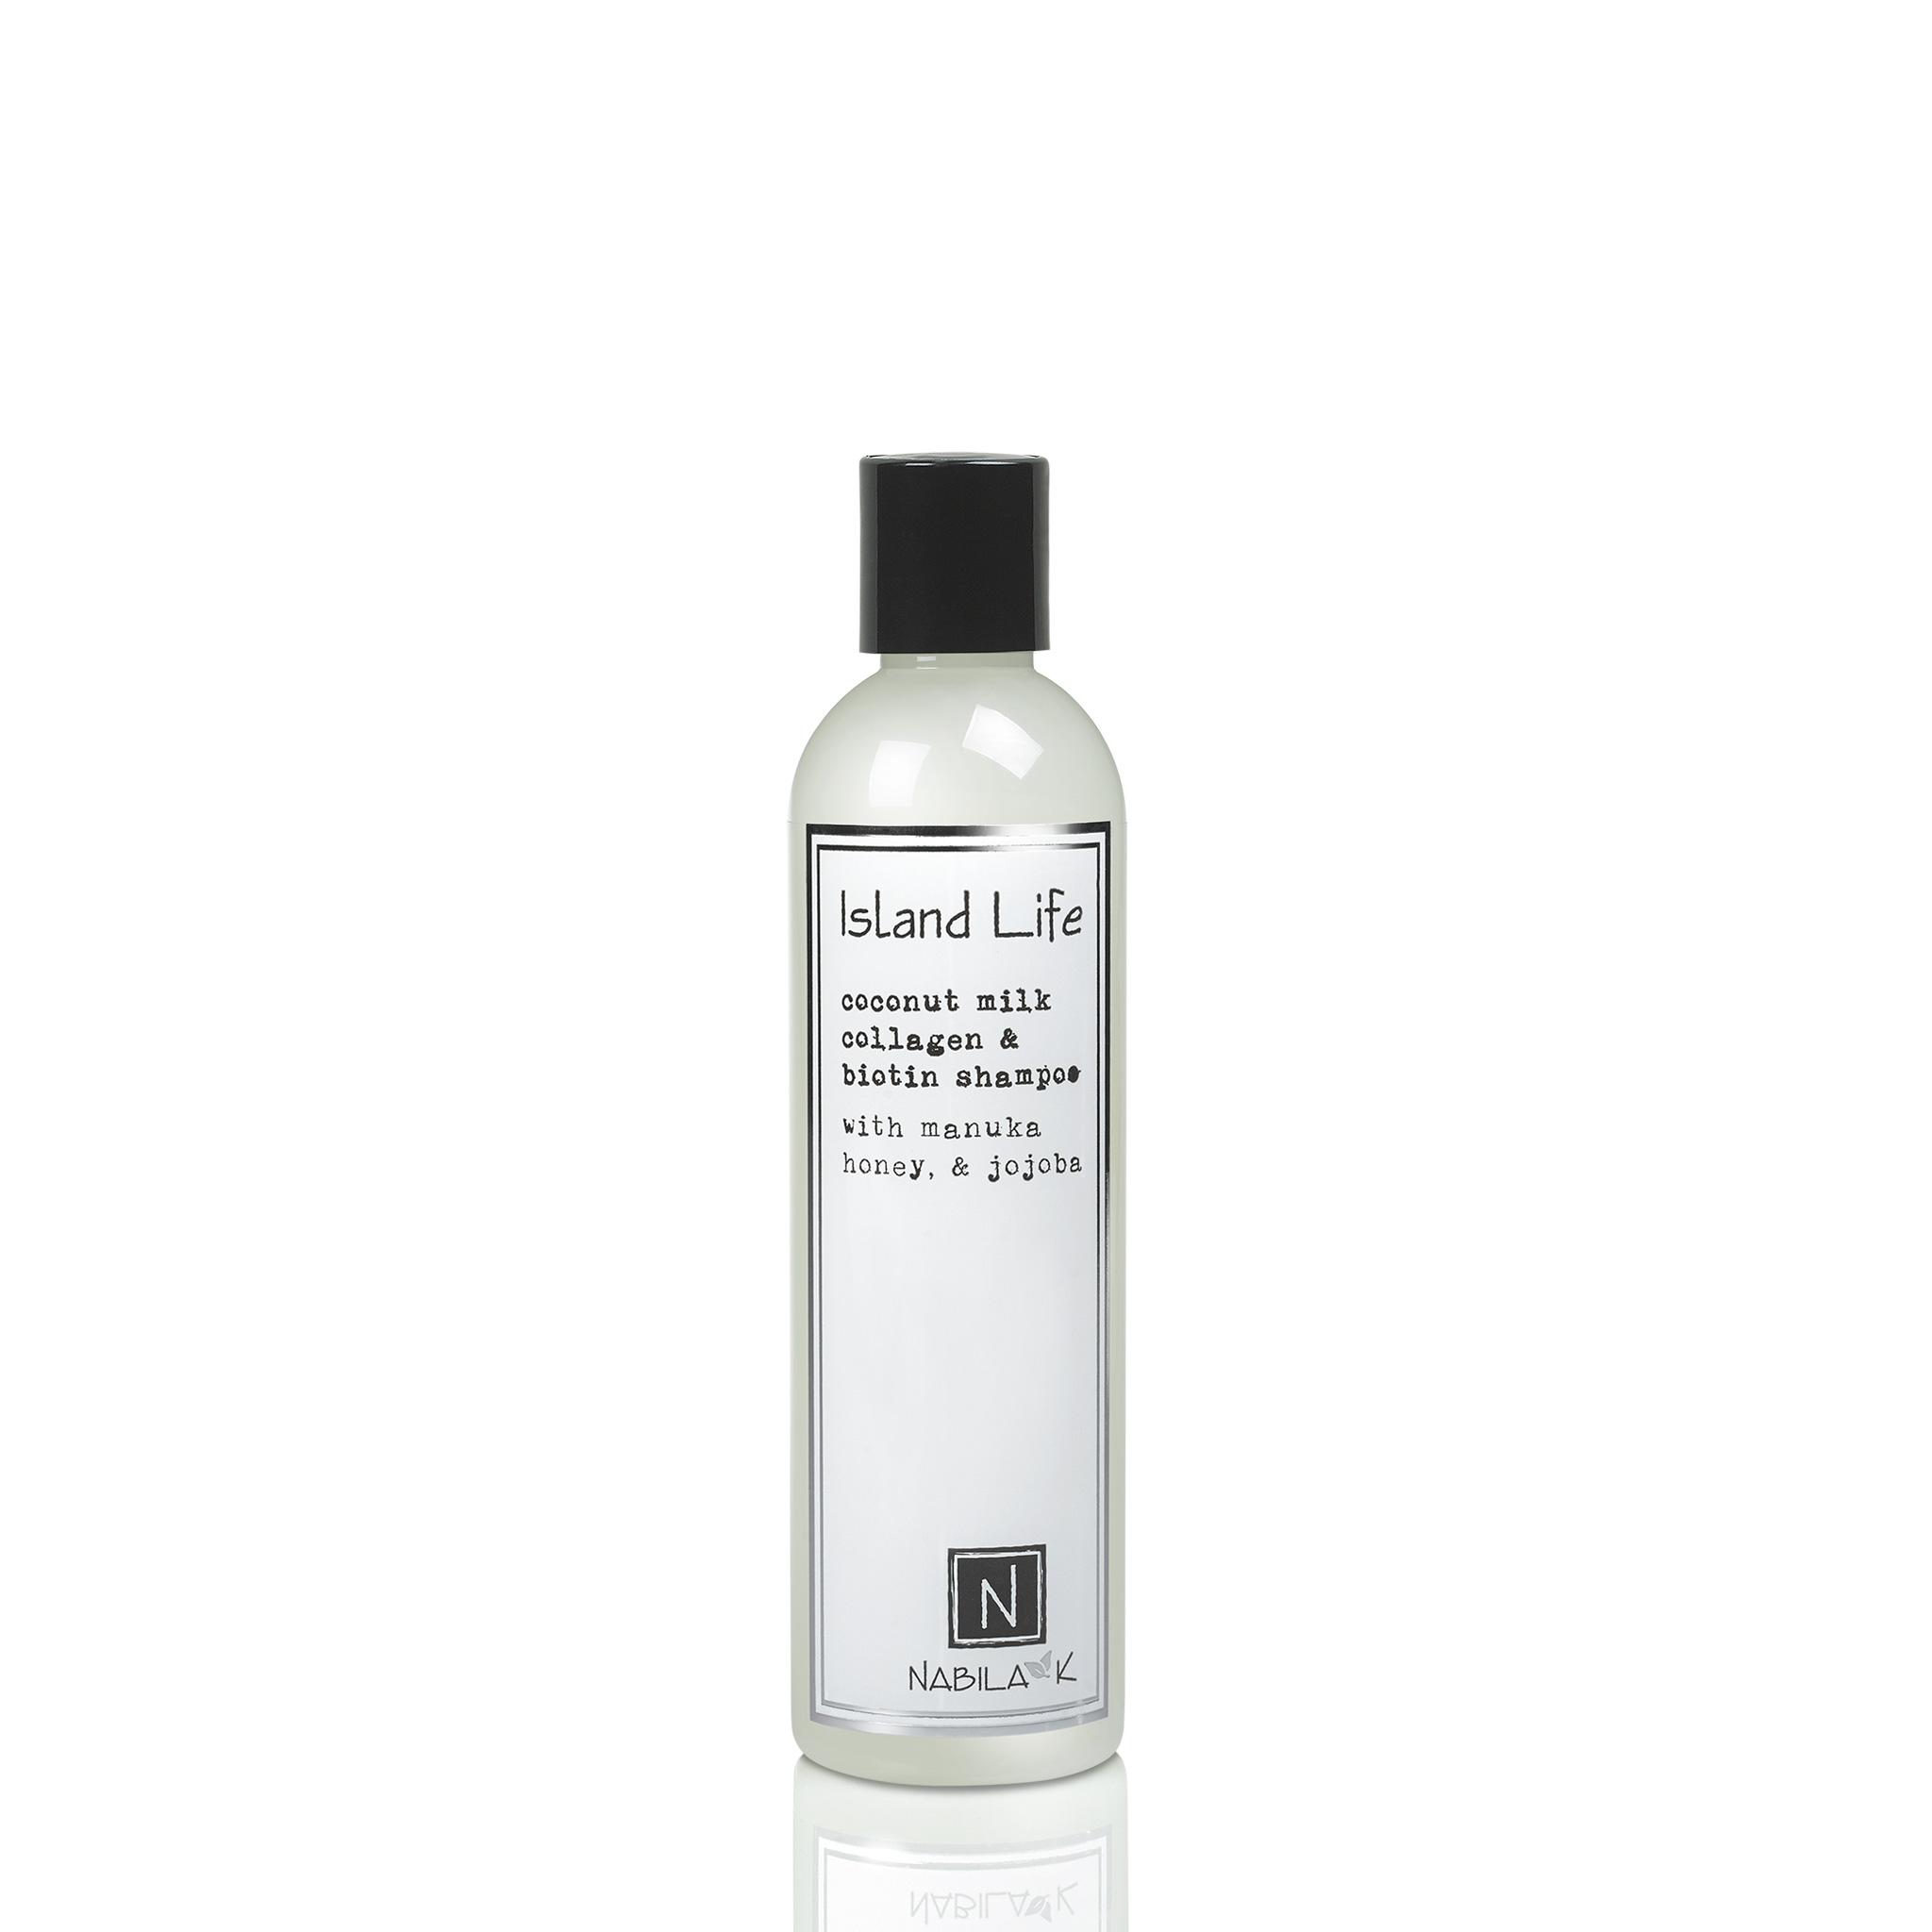 1 Large Sized Bottle of Nabila K's Coconut Milk Collagen and Biotin Shampoo with Manuka Honey and Jojoba